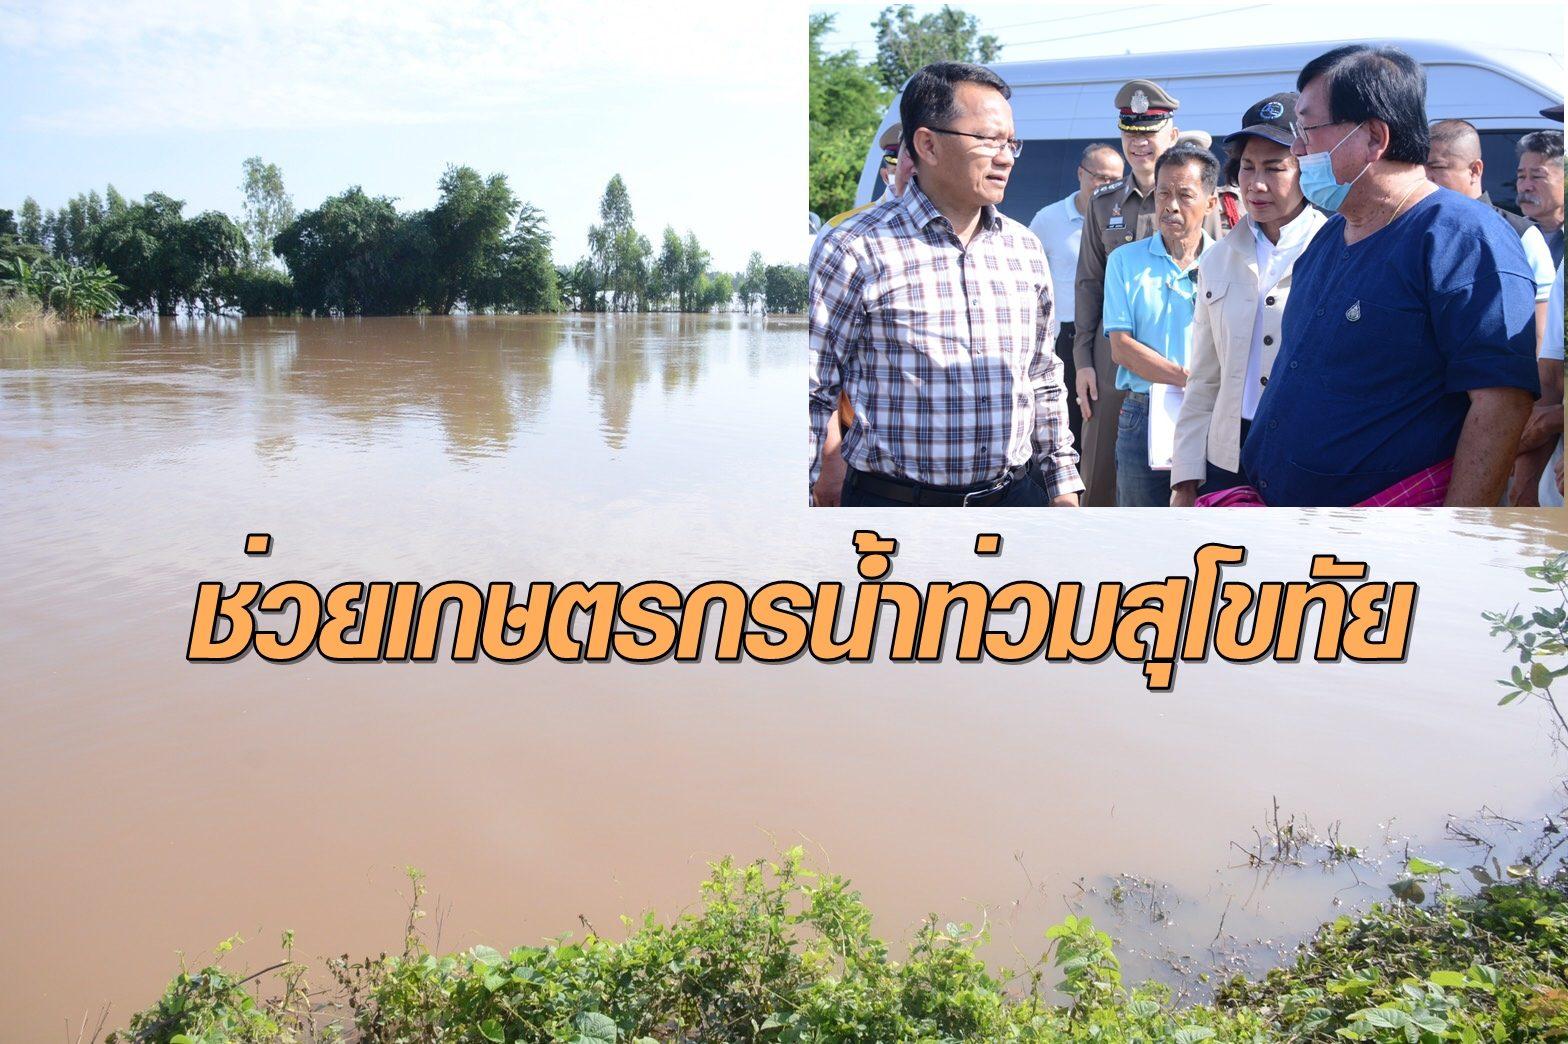 ประภัตร-สมศักดิ์ ลุย สุโขทัย ระดม ช่วยเกษตรกรประสบภัยน้ำท่วม